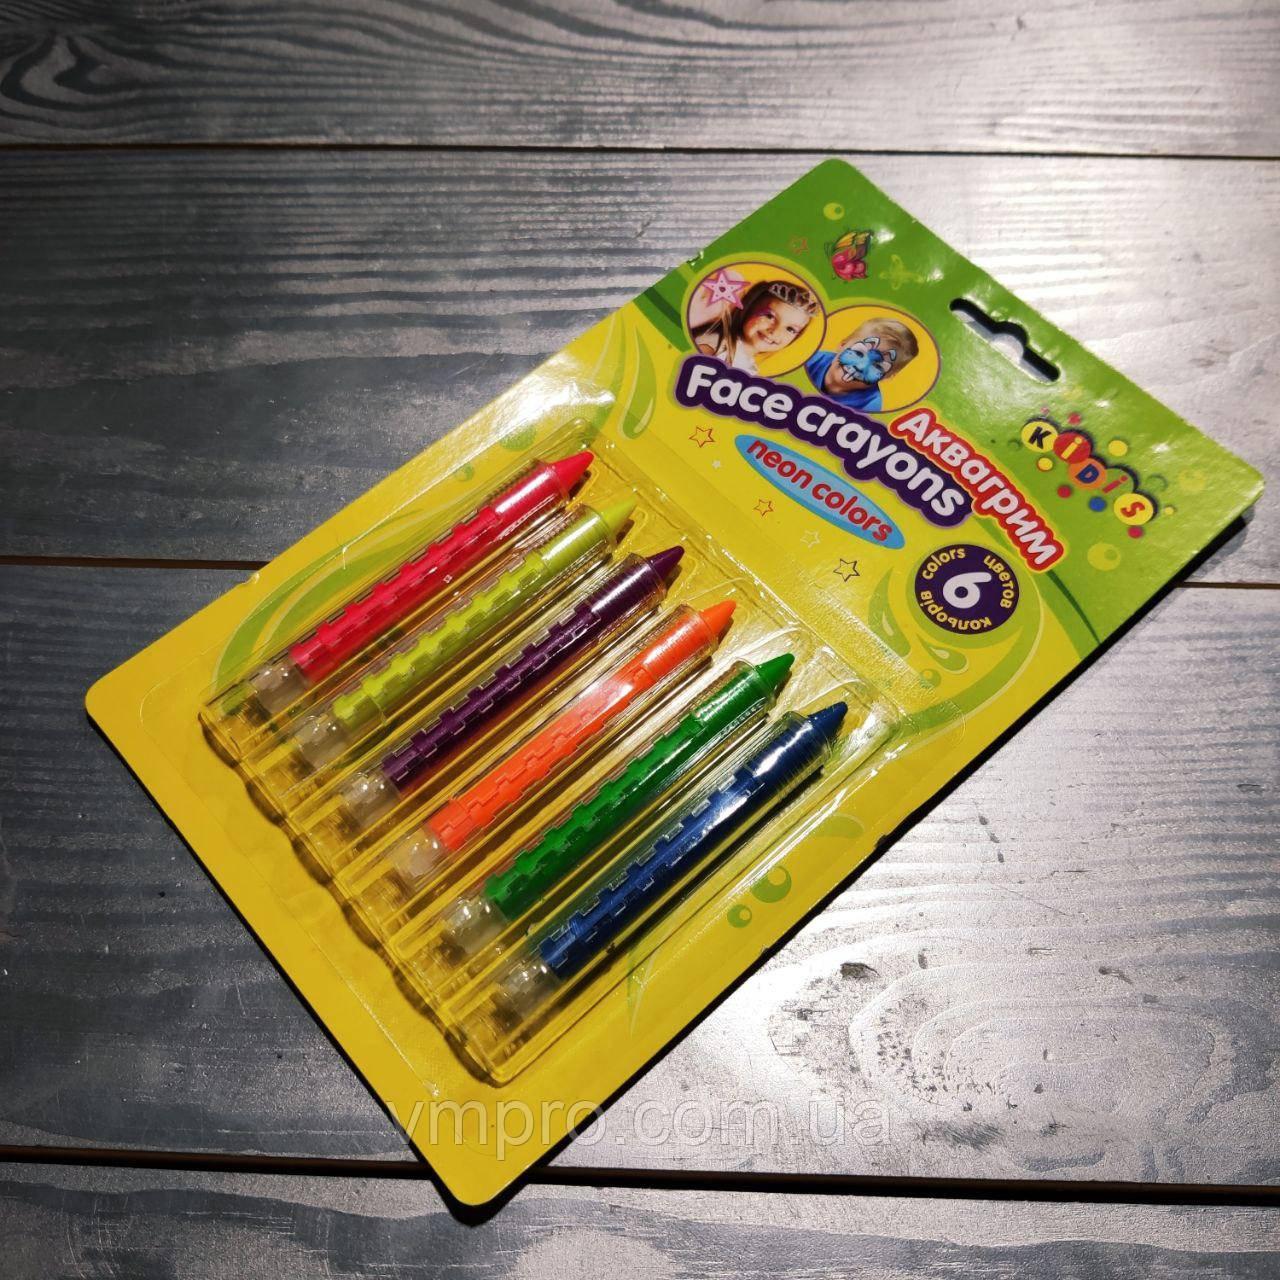 Краски для грима 6 цветов,неоновые,выдвижной карандаш,№7765,аквагрим,набор для творчества